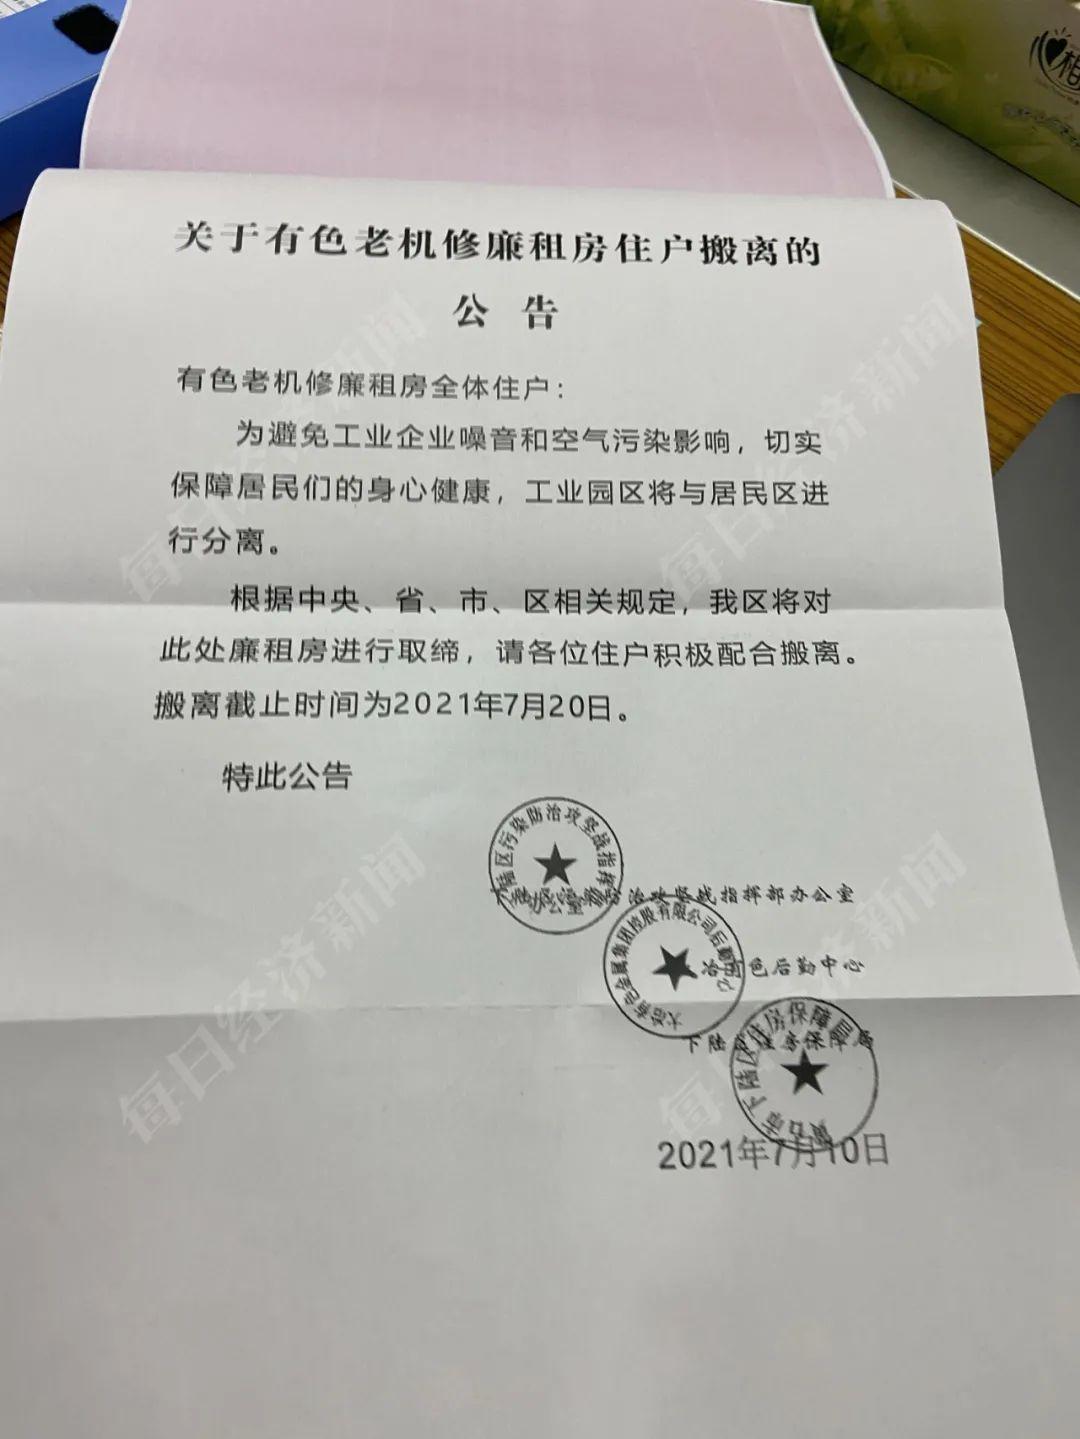 """废水直排长江、旗下上市公司年报""""睁眼说瞎话""""、环境违法多达22起,这家企业好大的胆……"""